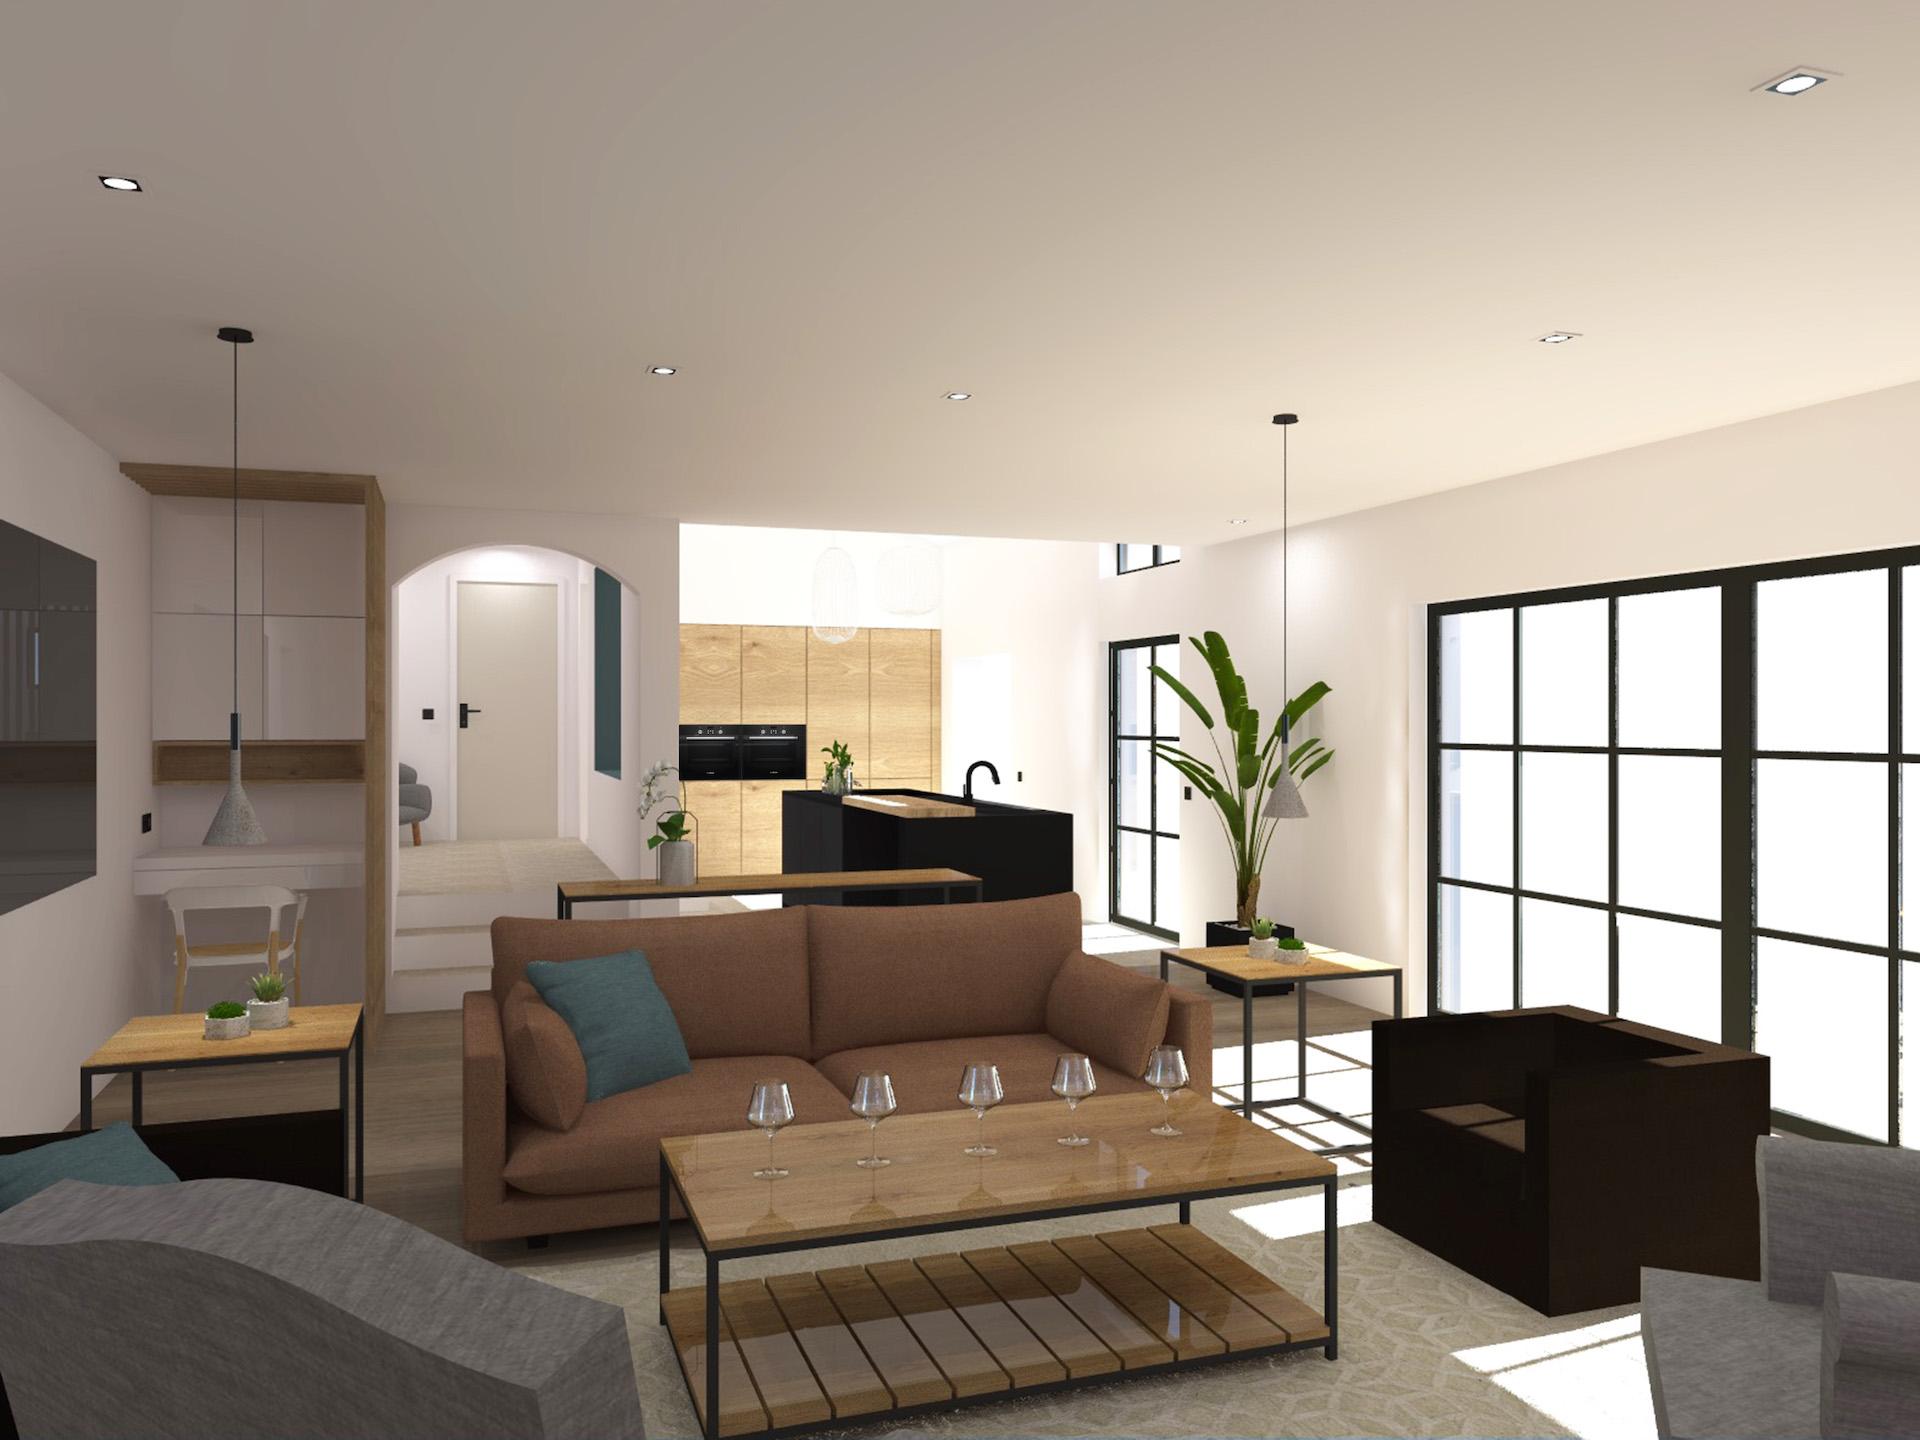 Décoration-cuisine-salon-Sainte-Maxime-architecte-interieur-var2